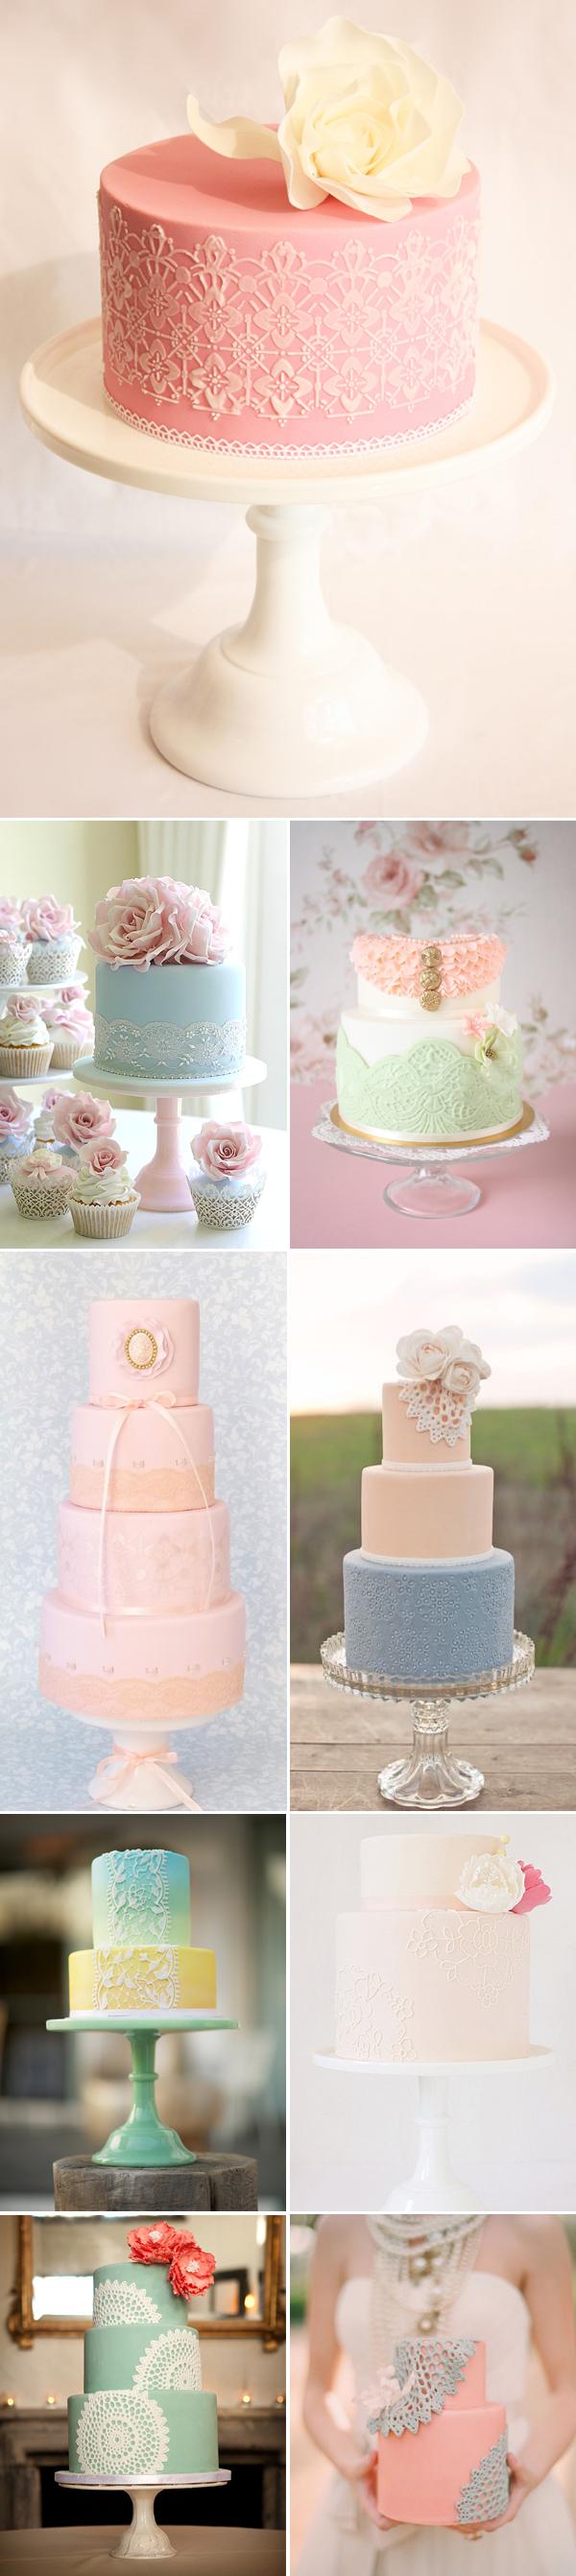 Lace wedding cake-pastel